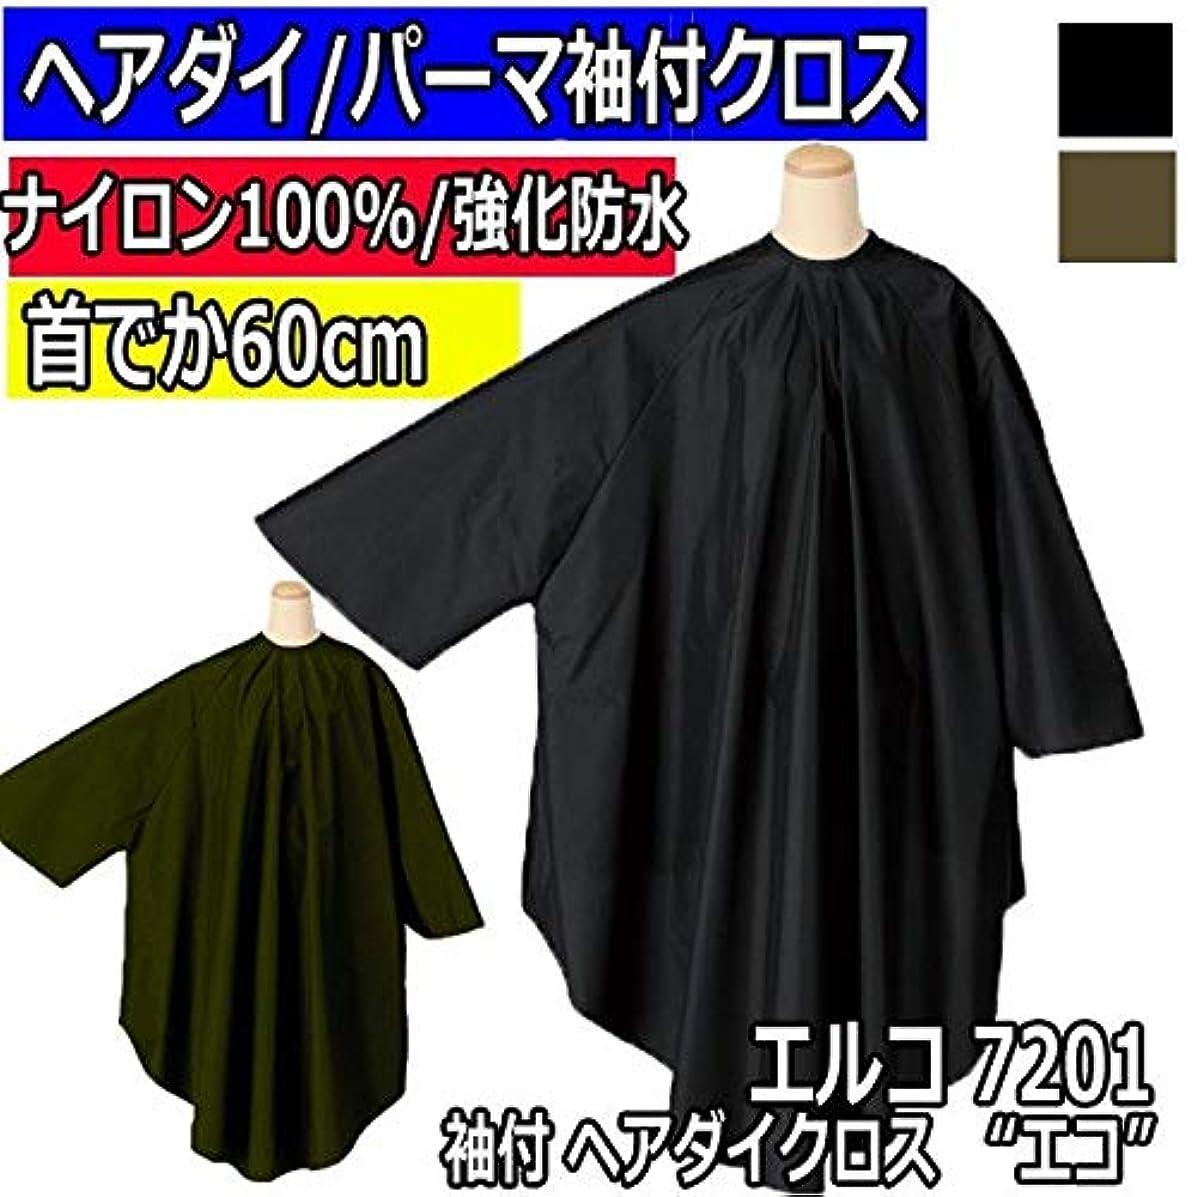 防水加工 7201 袖付 ヘアダイクロス エコ 黒 60